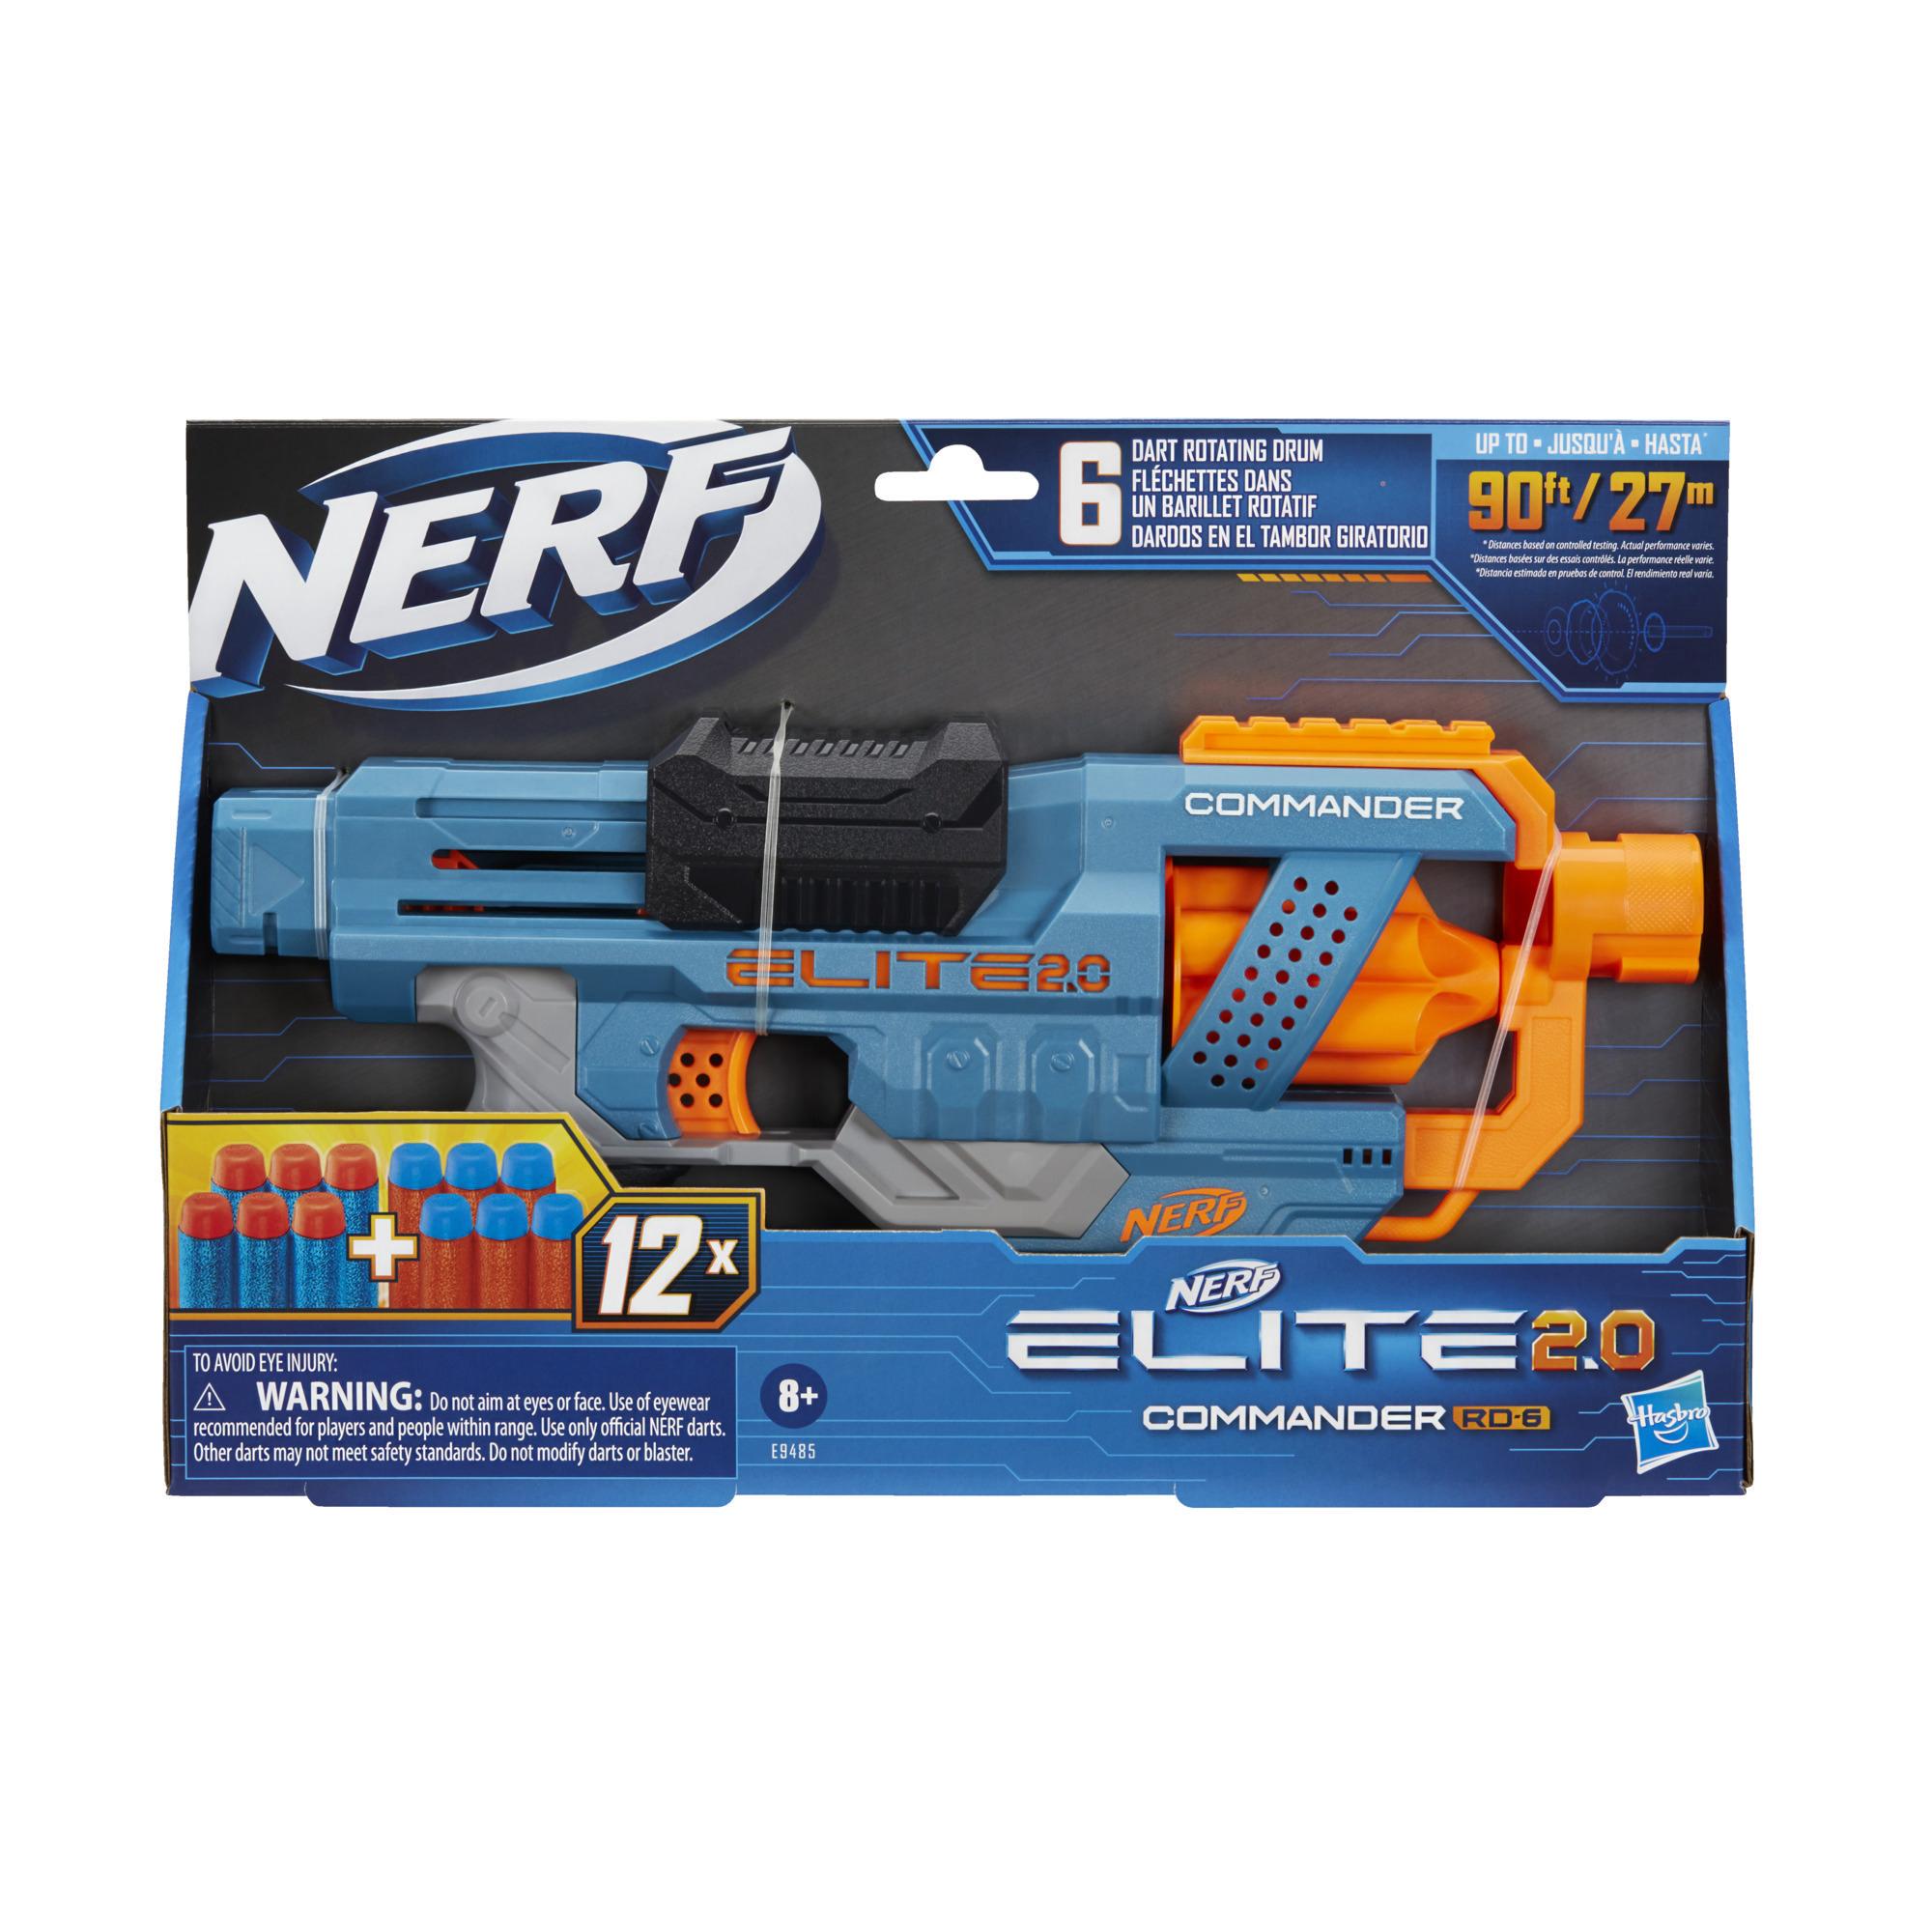 Nerf Elite 2.0 Commander RD-6 kilövő, 12eredeti Nerf lövedék, 6lövedékes forgótár, beépített testreszabási lehetőségek